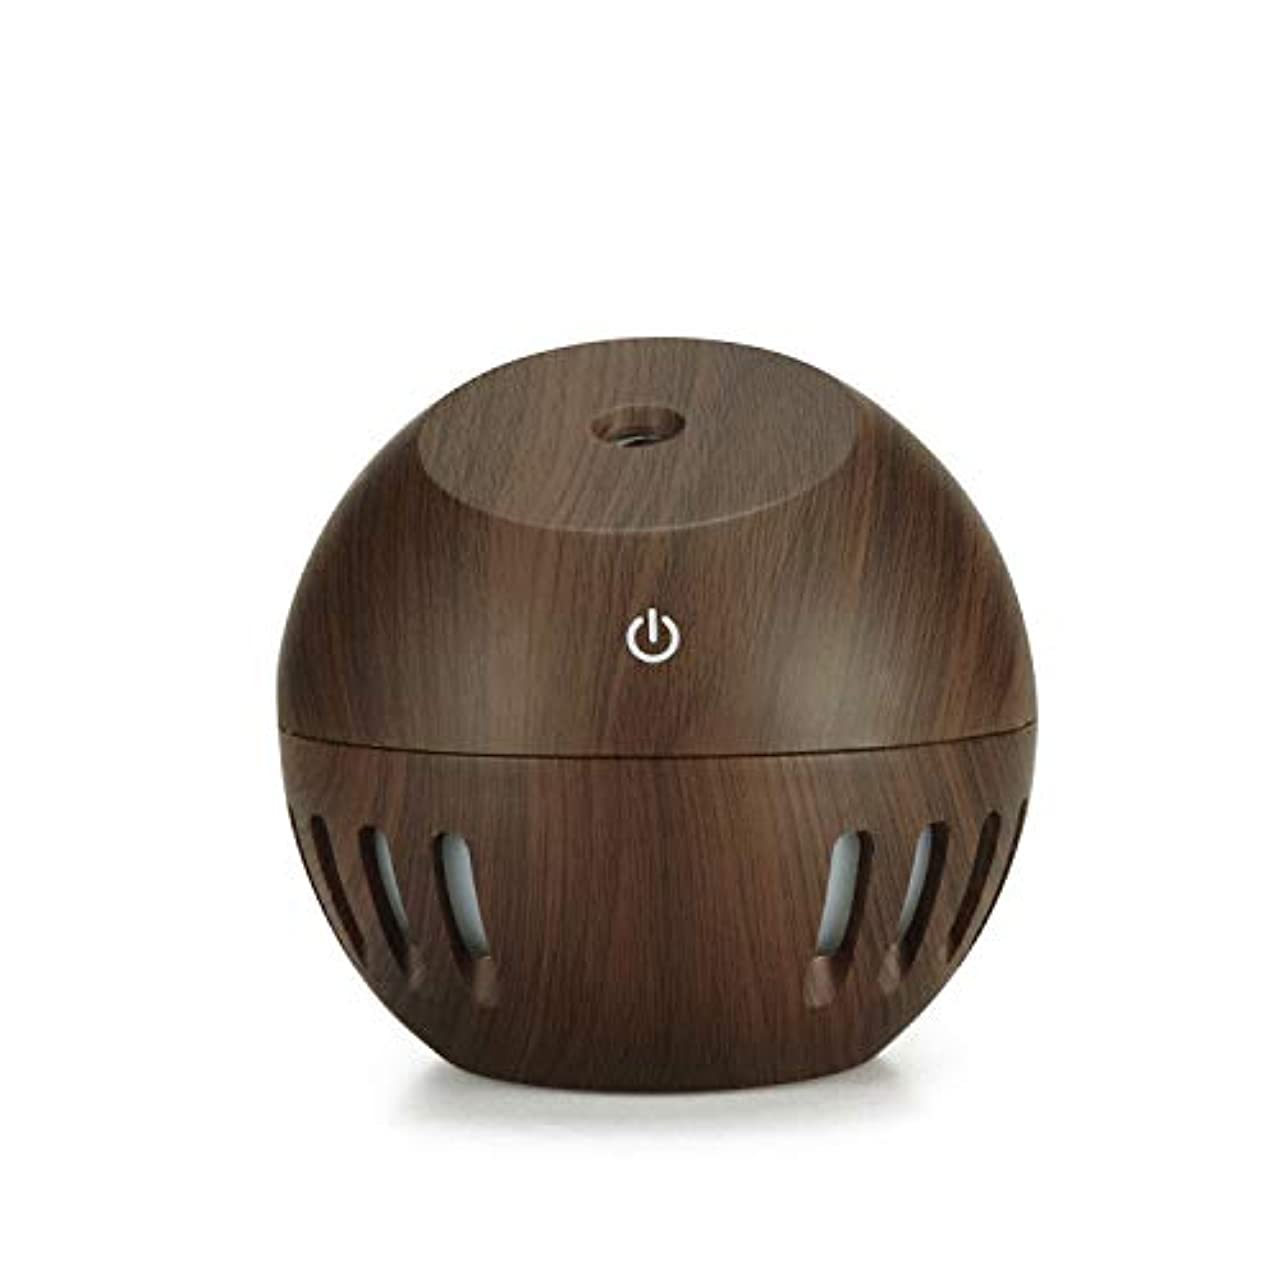 蜜トーナメント倍率130ml Essential Oils Diffuser Electric Cool Mist Aroma Diffuser For Home, Yoga, Bedroom